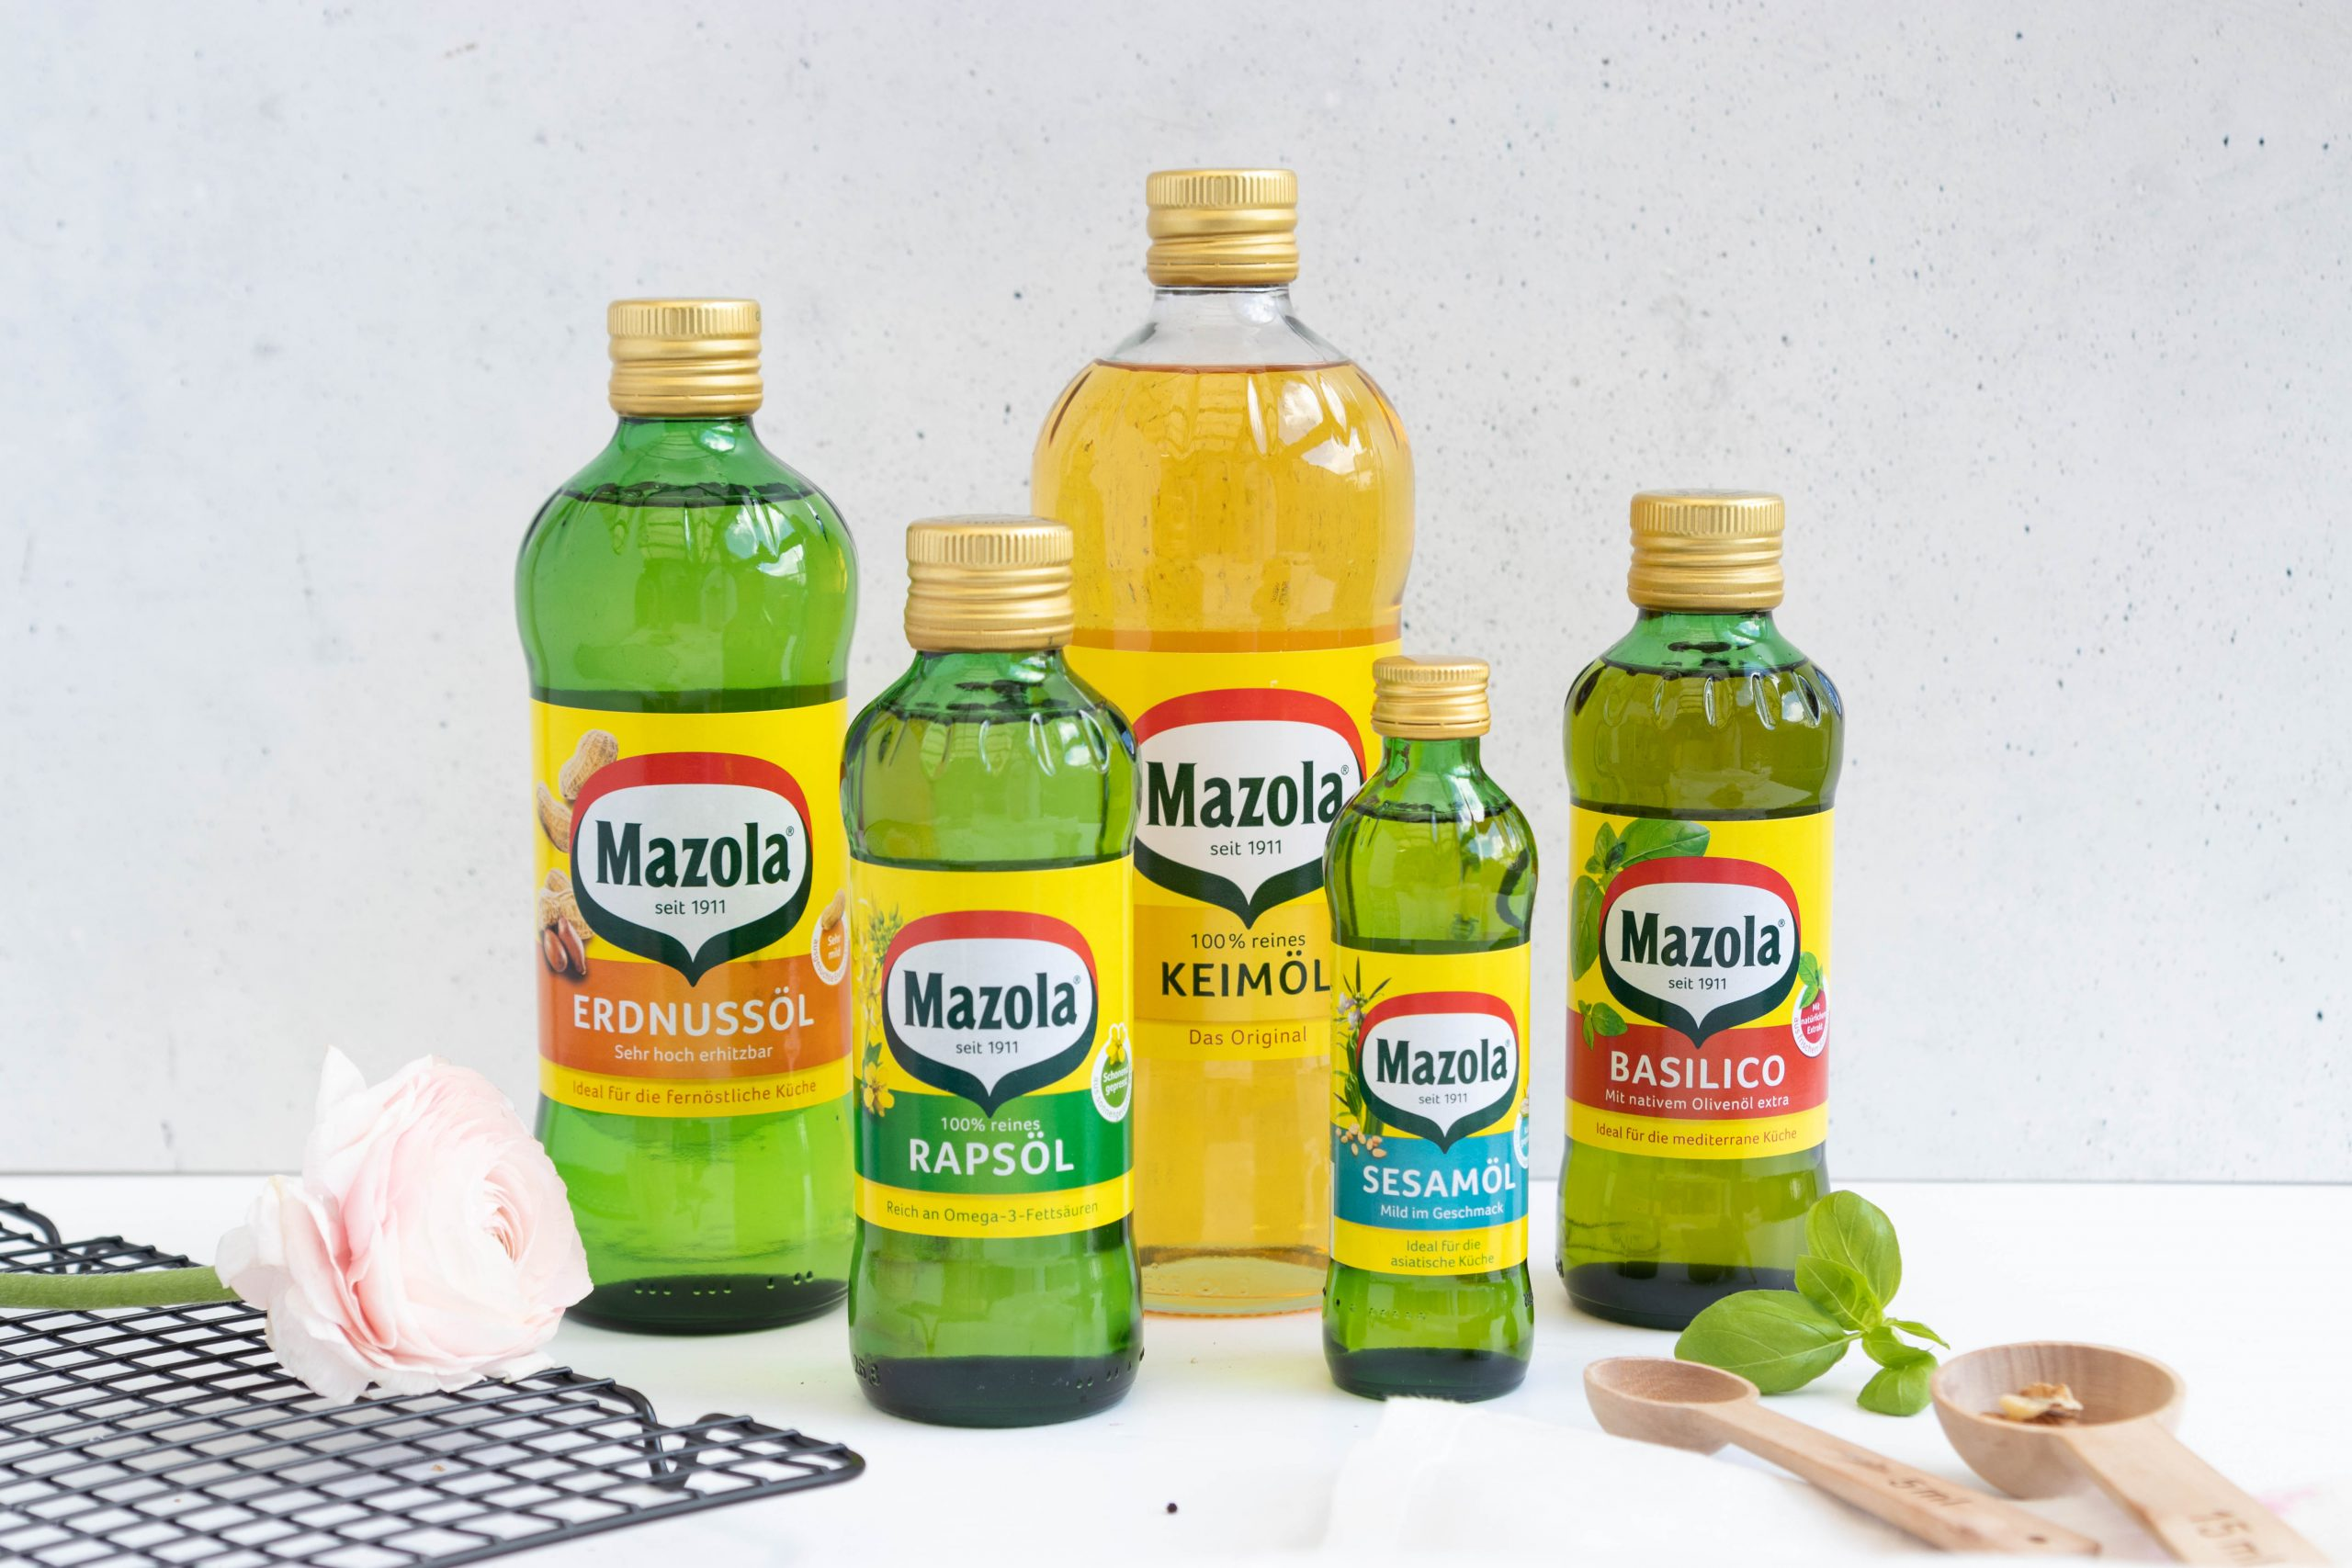 Vasendeko aus alten Flaschen